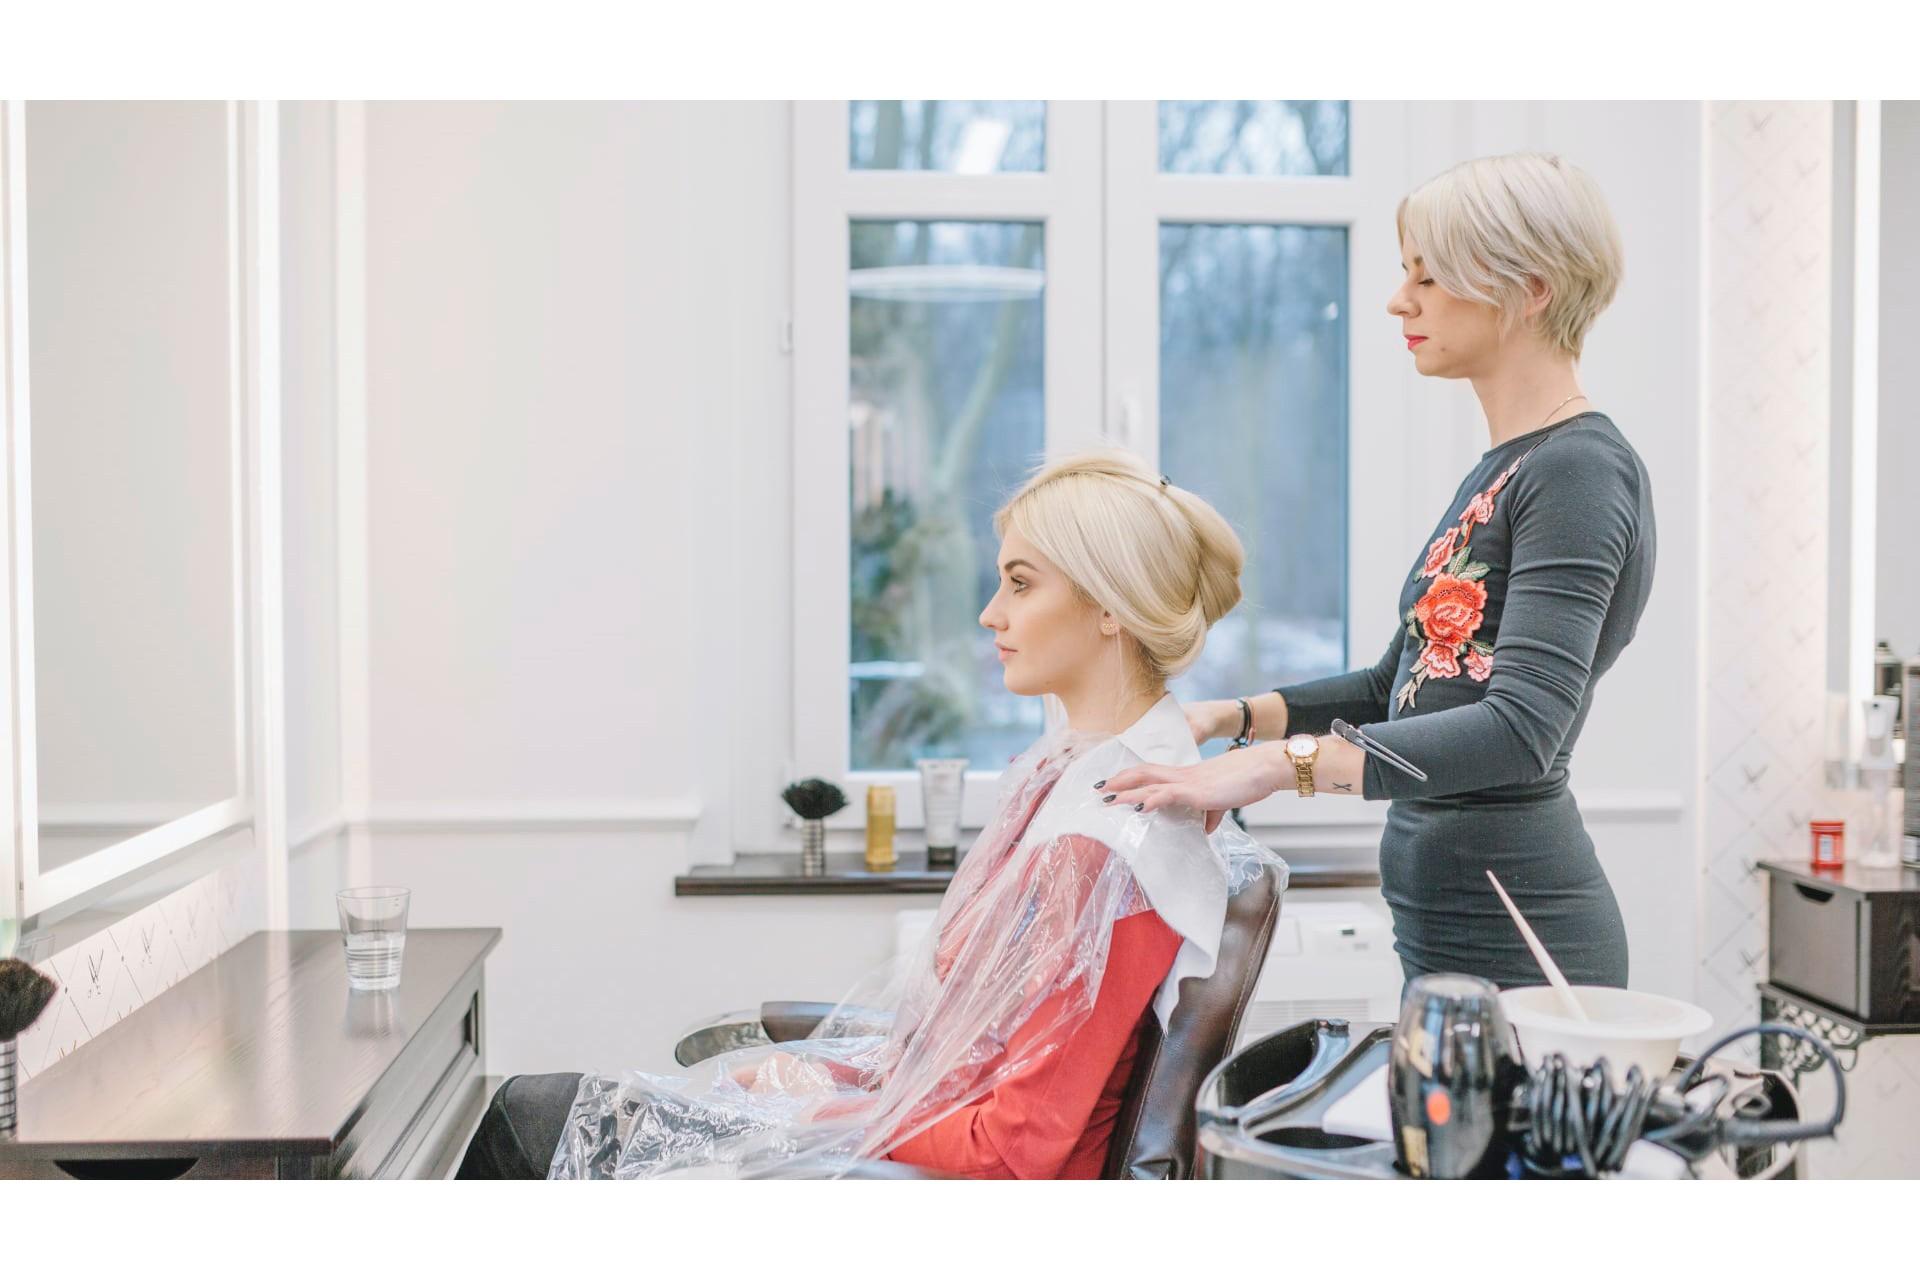 Окрашивание волос профессиональными красителями: секреты и ошибки